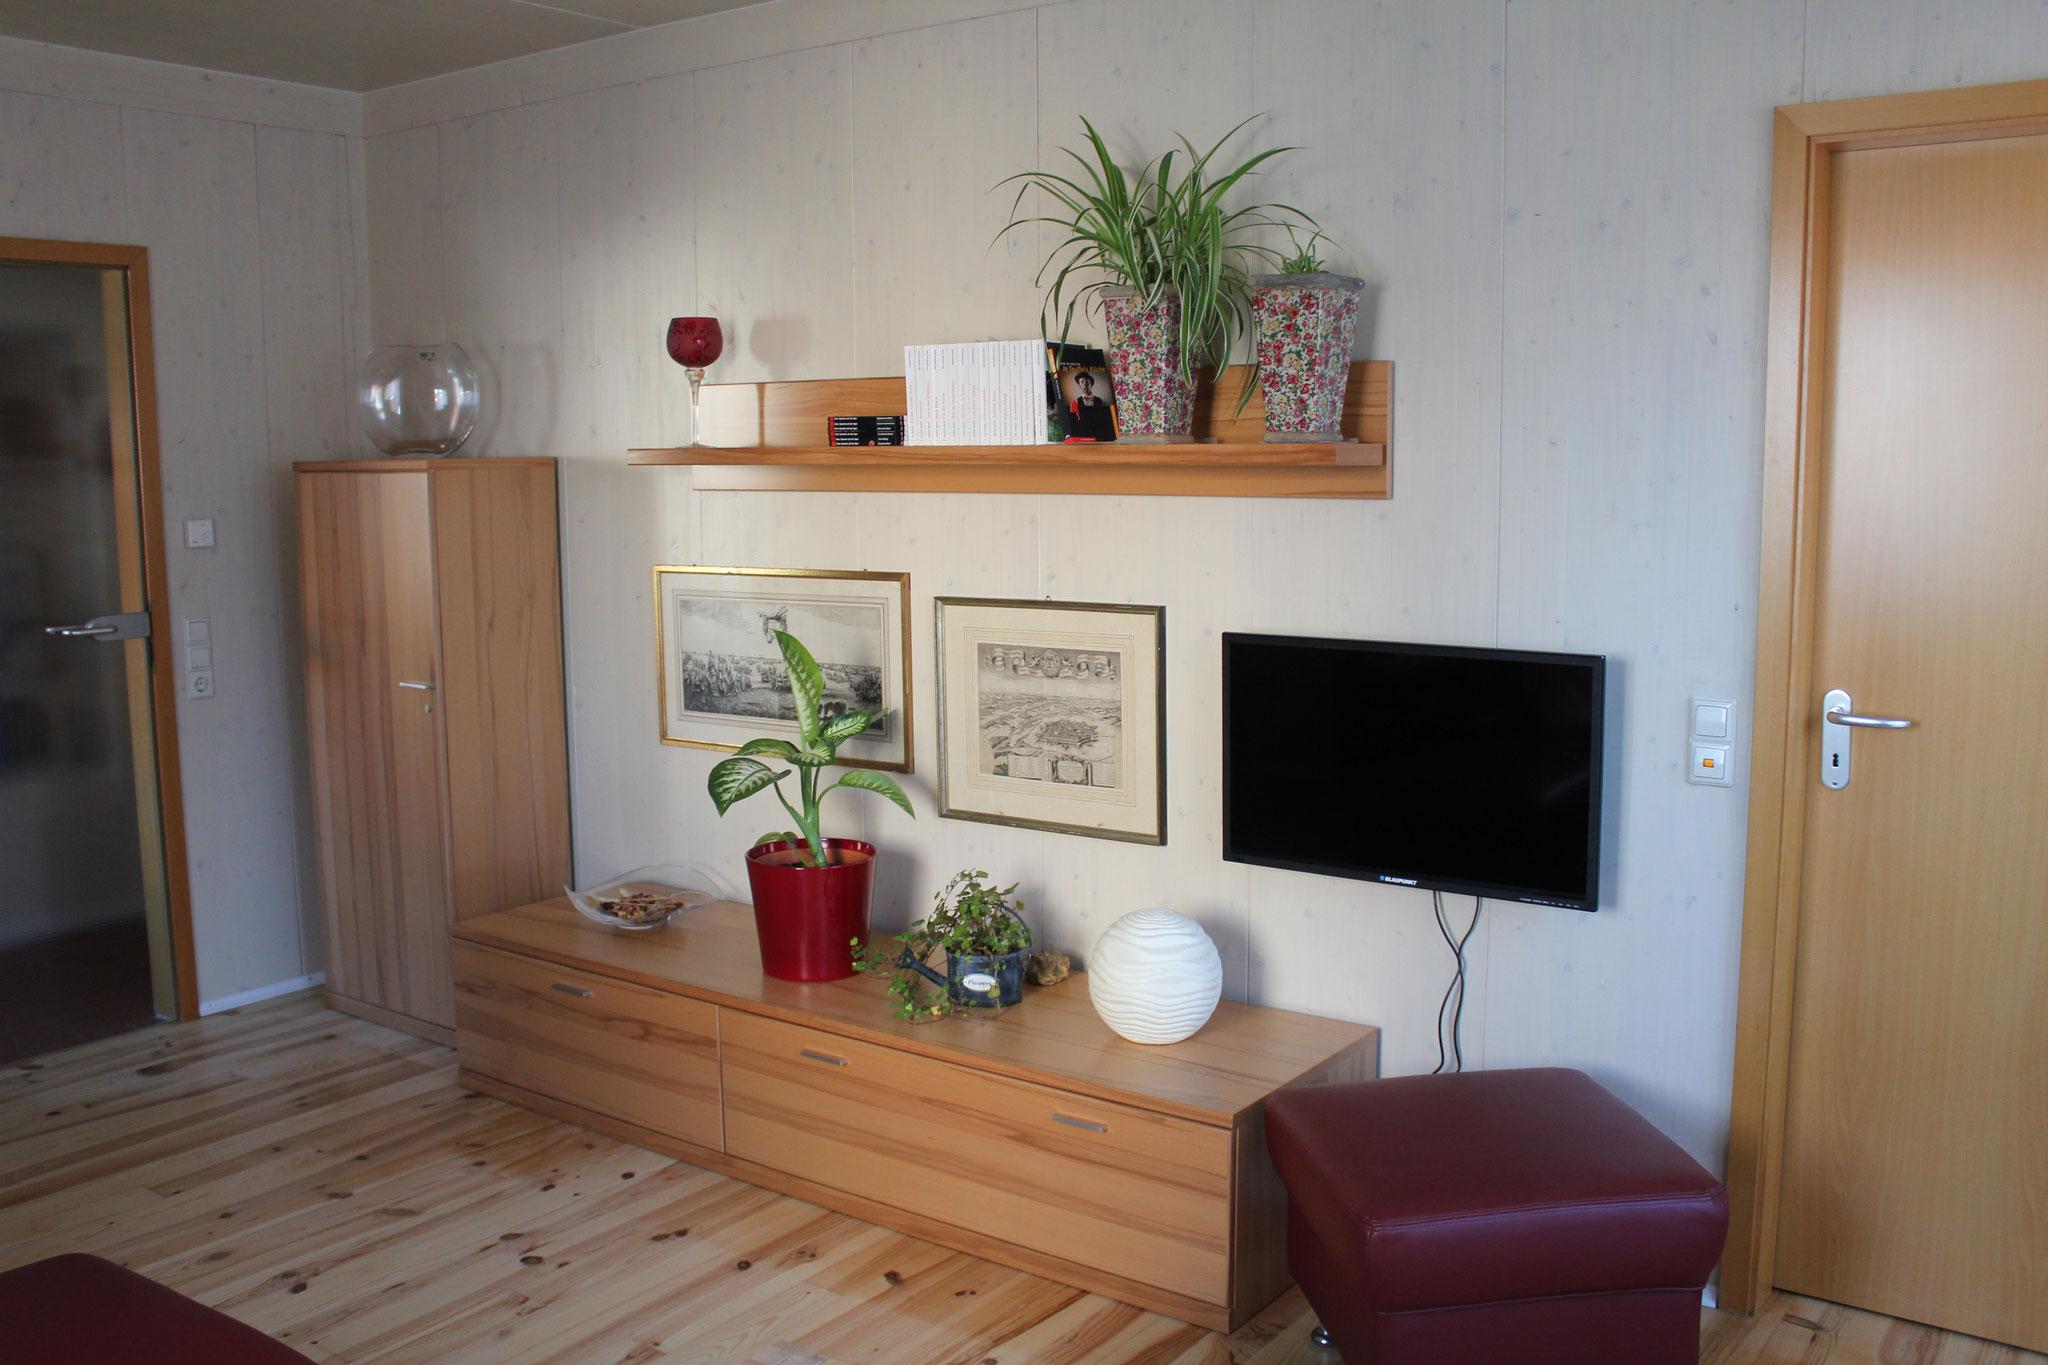 Gemütliches Wohnzimmer/ cozy living room